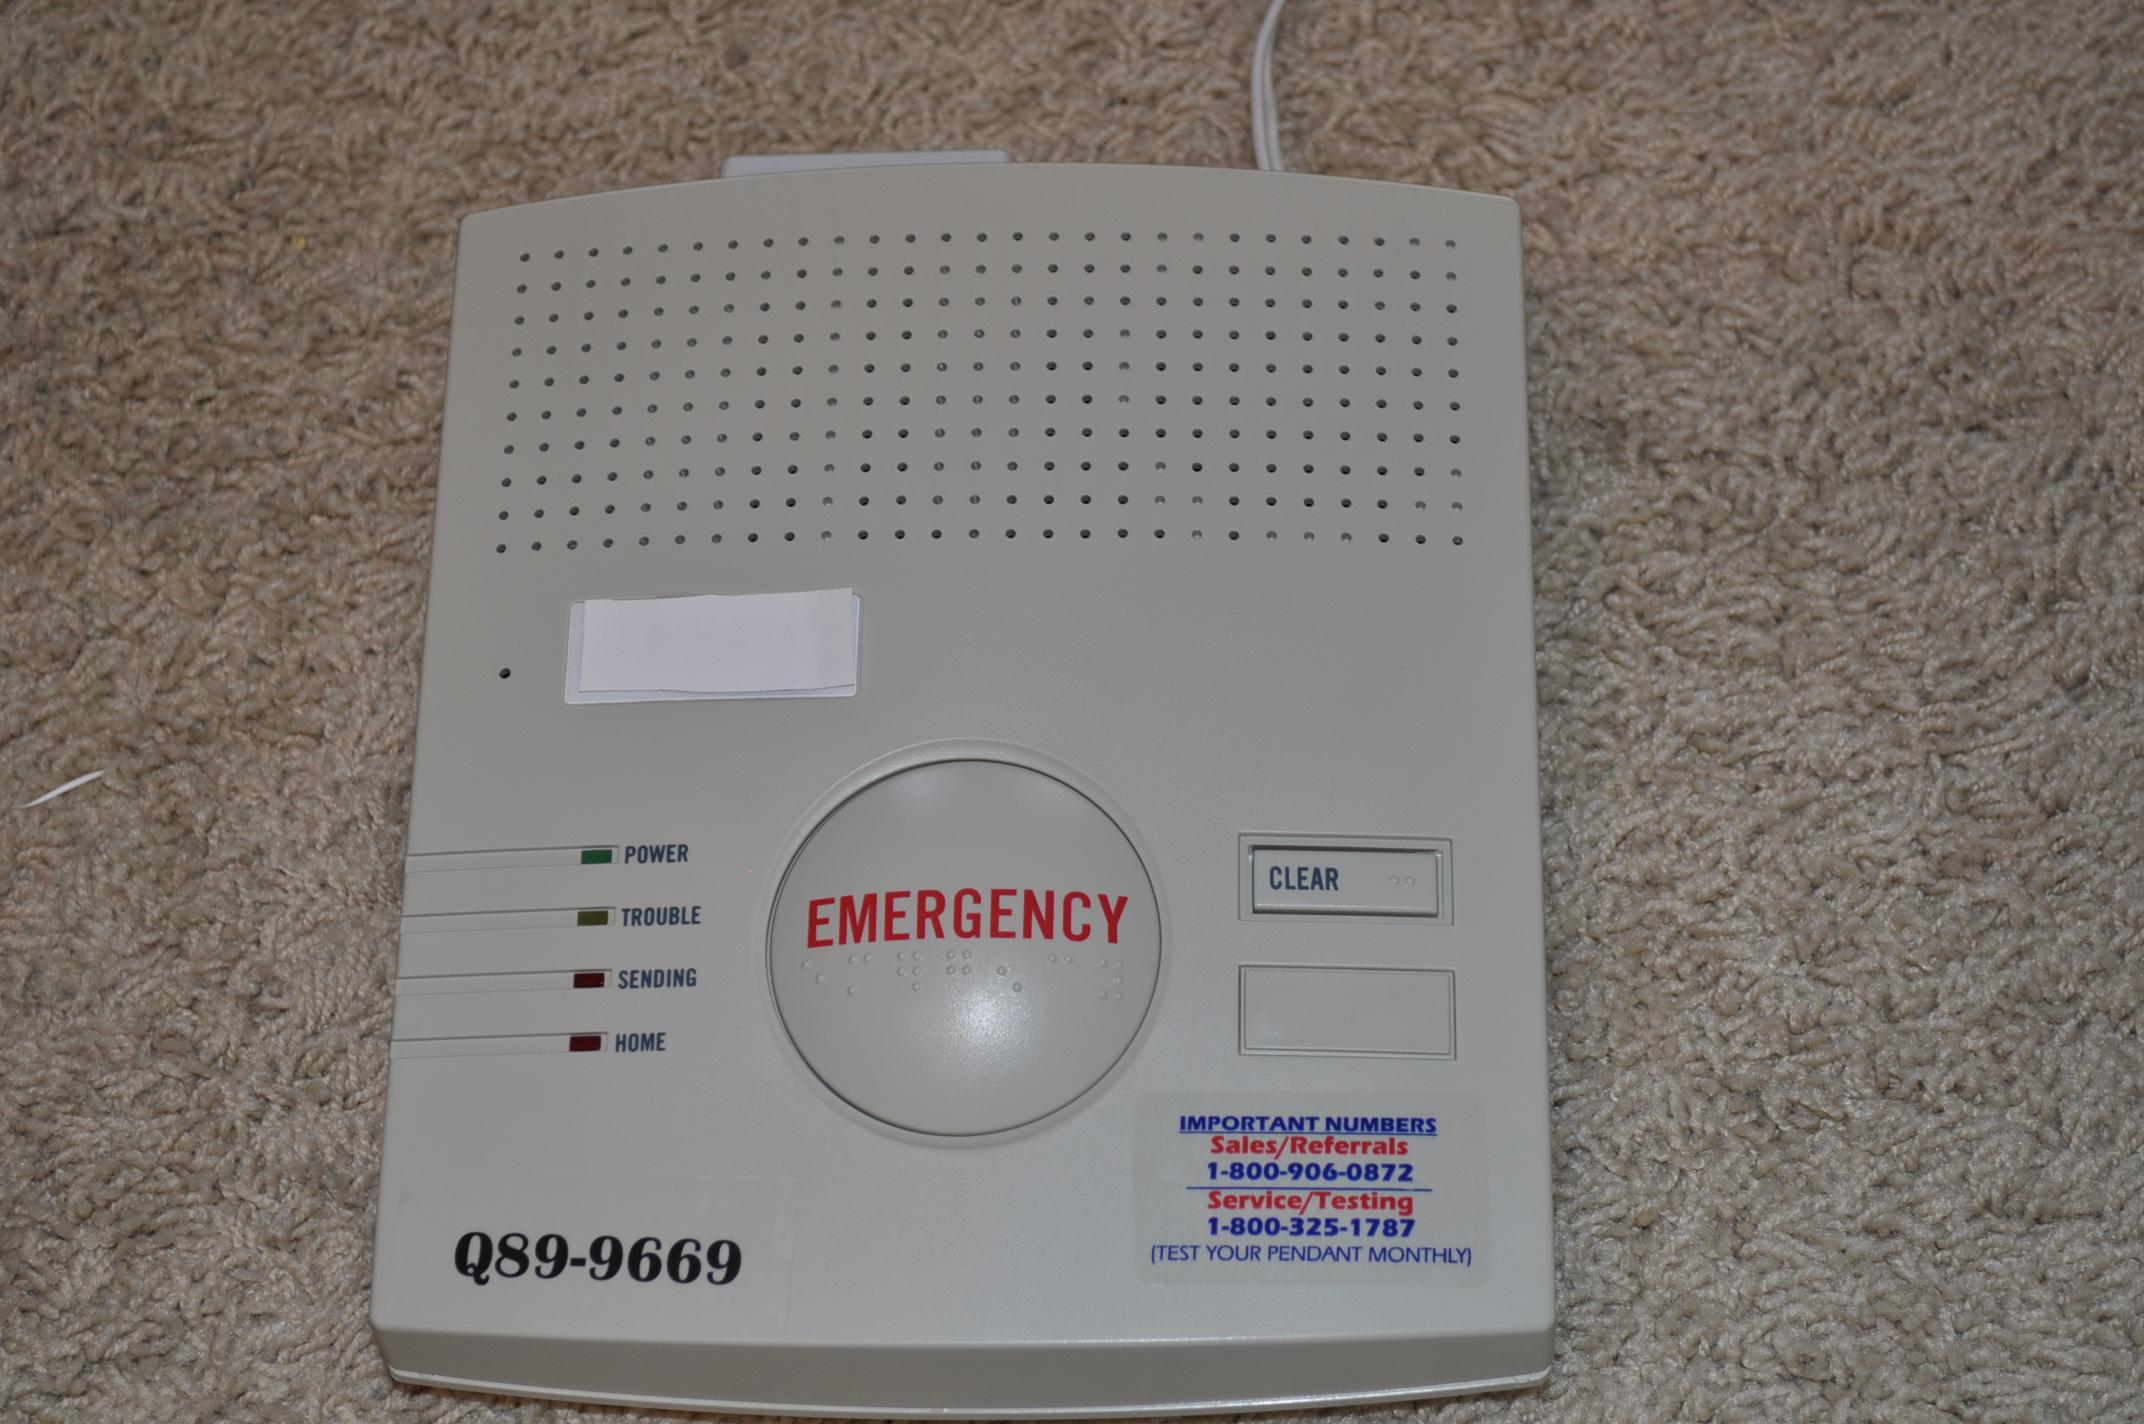 Safety Alarm Devices For Elderly Medical Alert Comparison